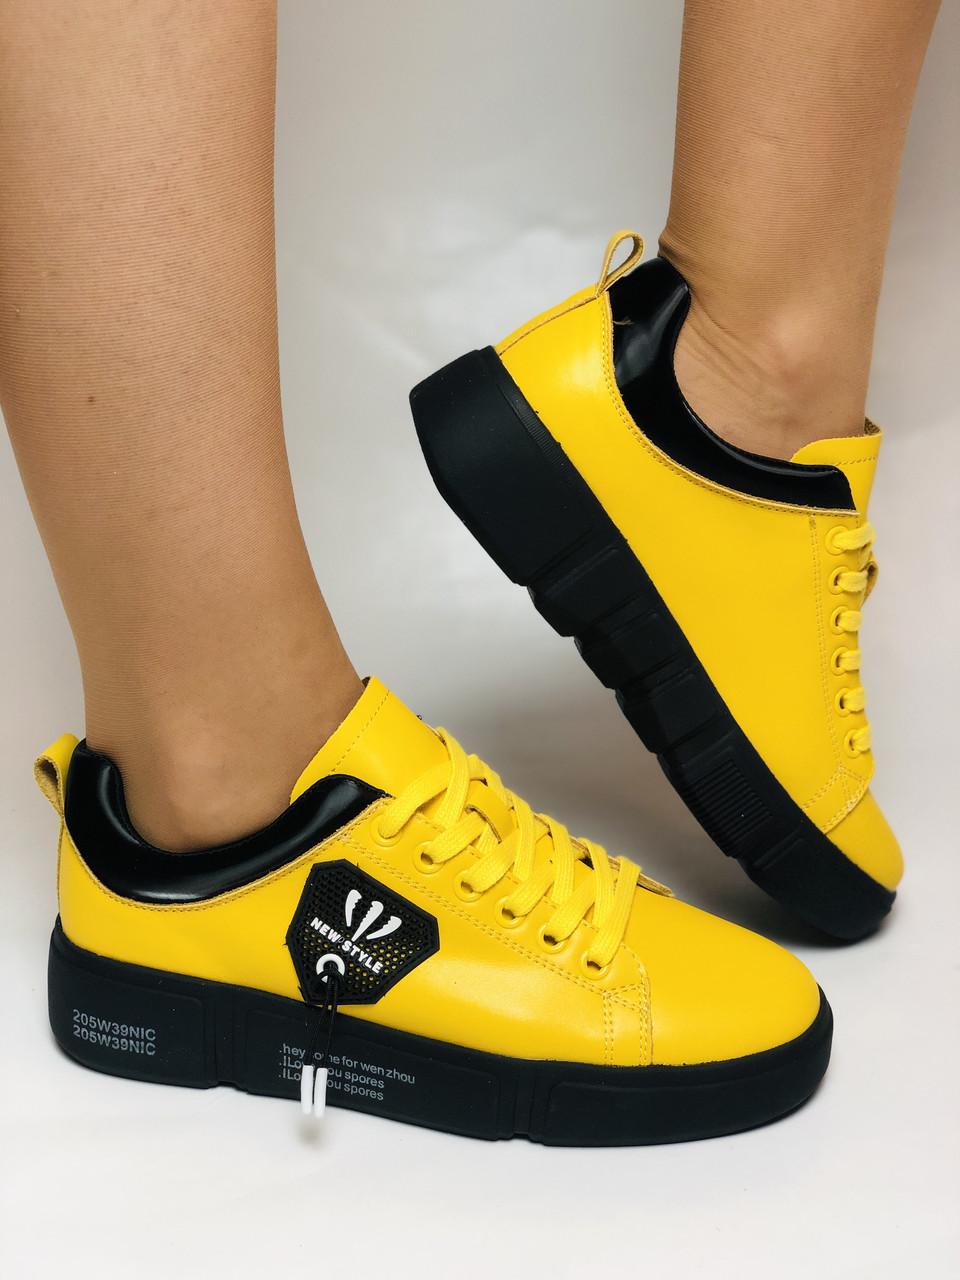 Farinni.Стильні жіночі кеди-білі кросівки.Натуральна шкіра. Висока якість 38 Vellena